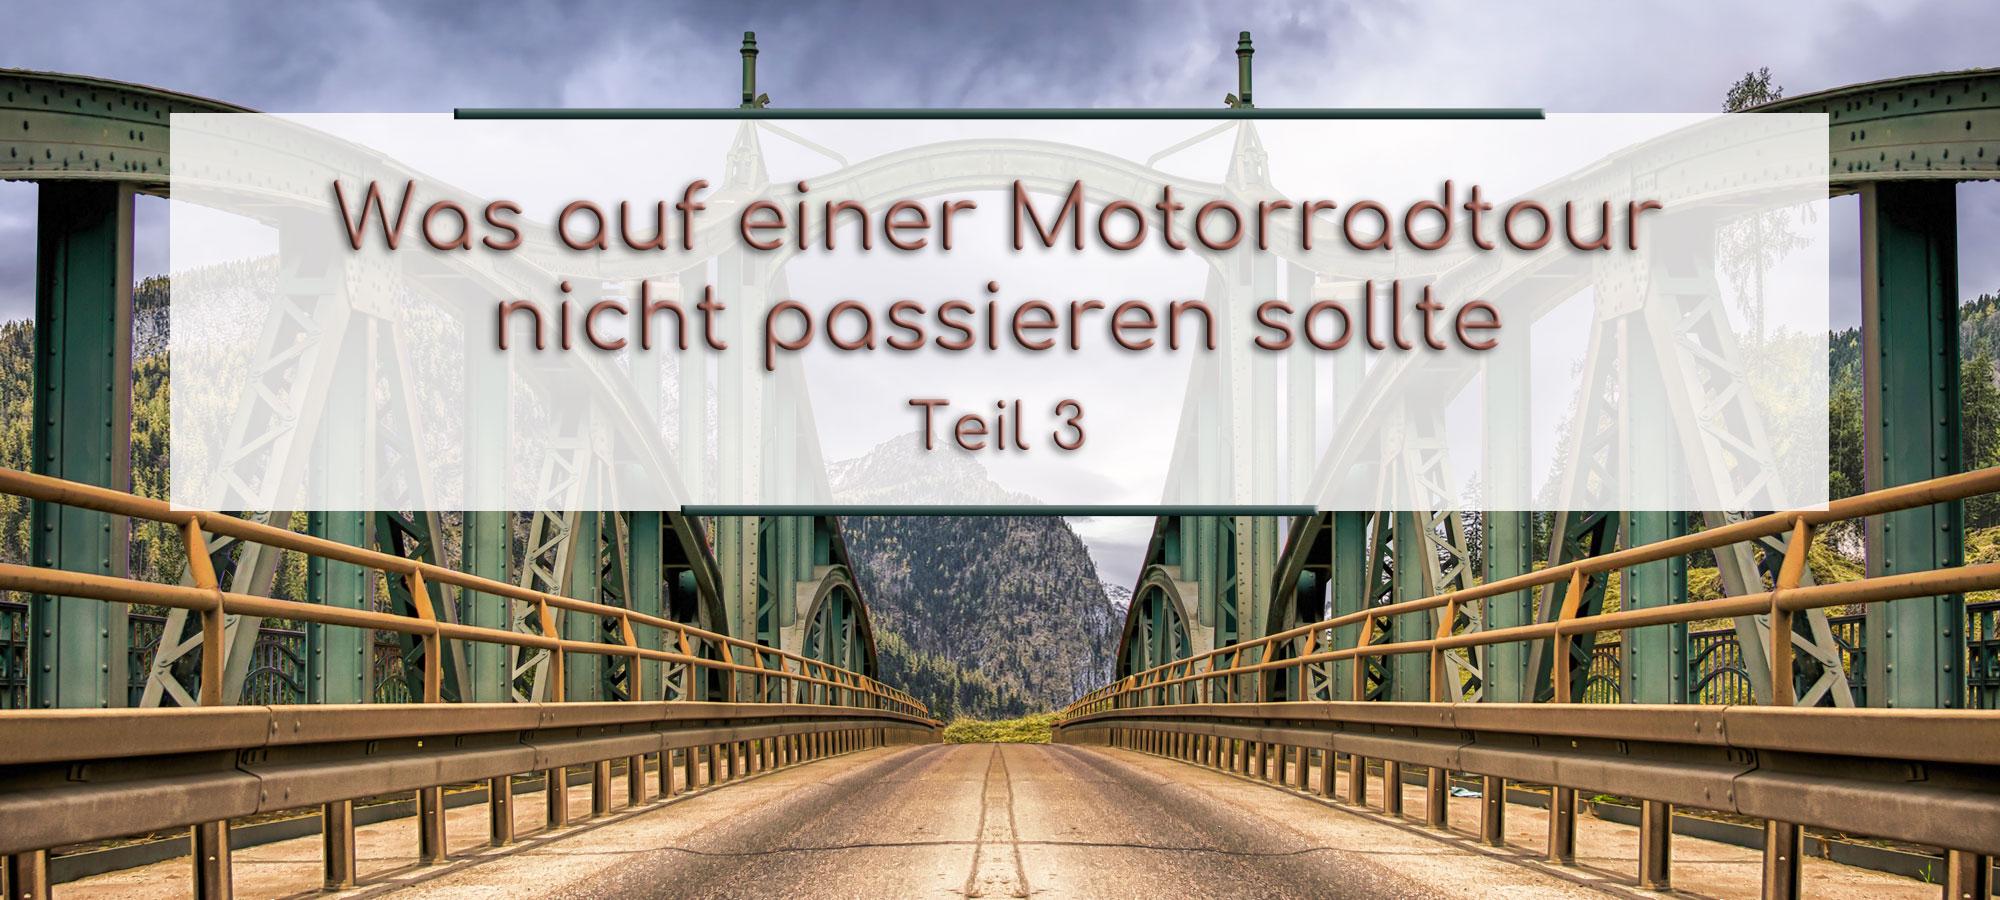 Die Strasse fuehrt ueber eine Stahlbruecke. Im Hintergrund sind die Berge zu sehen. Im Textfeld steht geschrieben: Was auf einer Motorradtour nicht passieren sollte Teil 3.